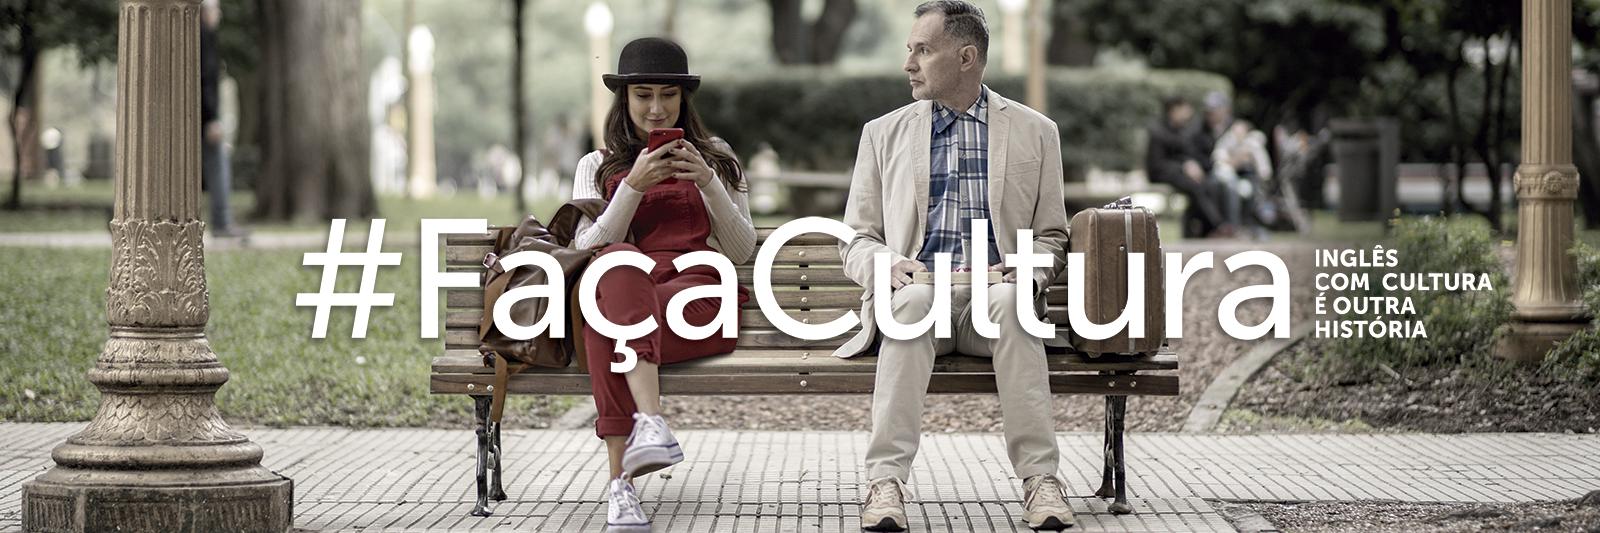 https://www.culturainglesajf.com.br/novo//images/s03.png